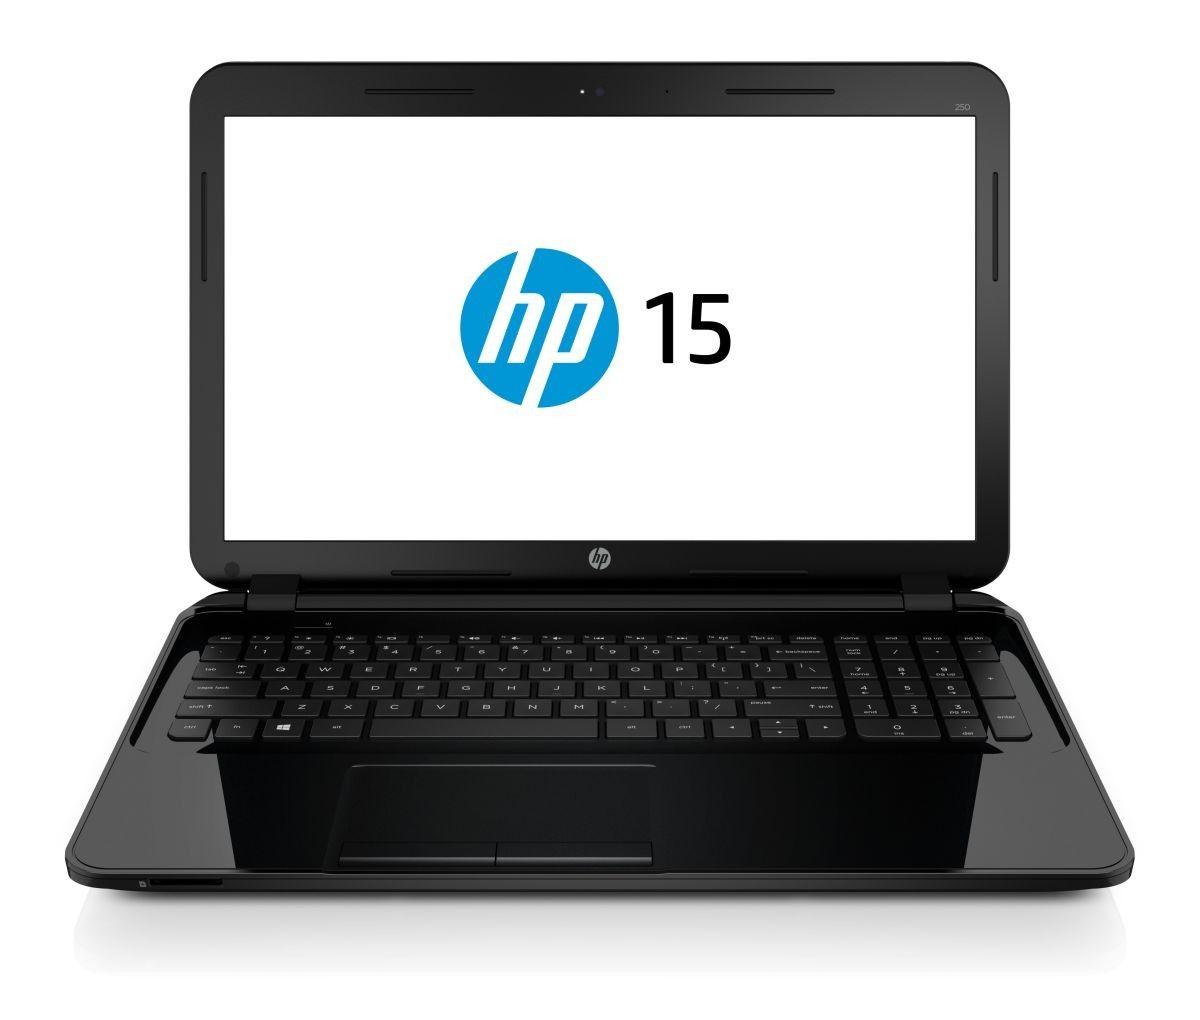 HP 15-g099su - 3